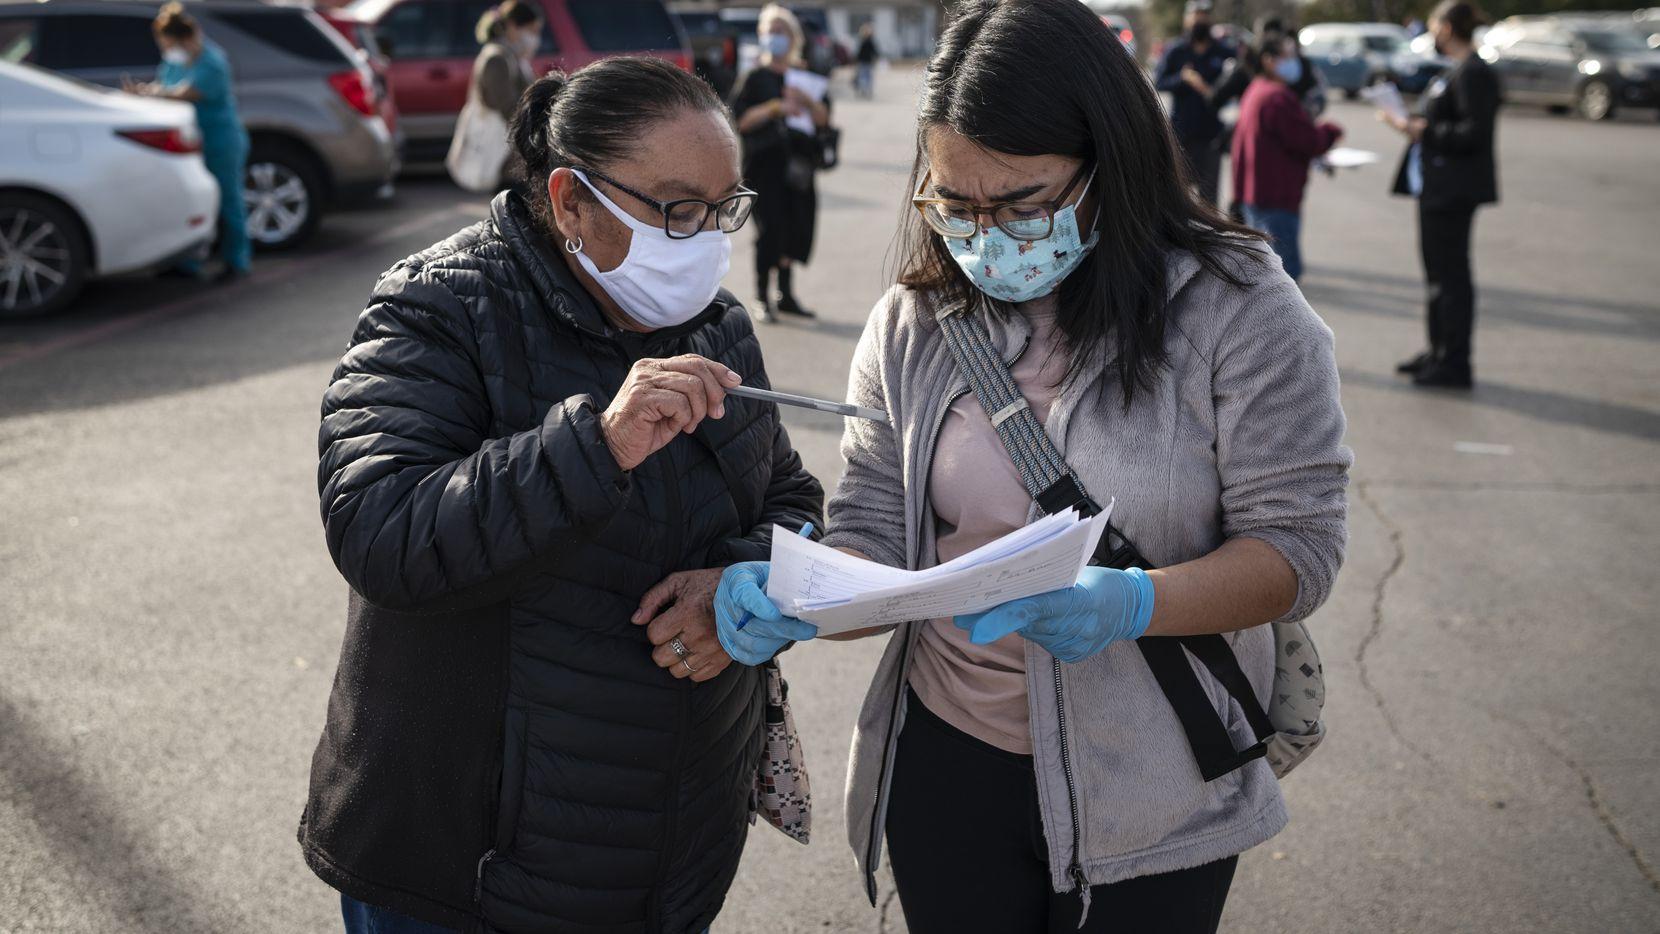 Vaccinate Don't Wait, una organización sin fines de lucro de Dallas, tendrá jornadas en persona de registro para la vacuna contra covid-19 en El Rancho Supermercado y Savers Cost Plus en los próximos días.